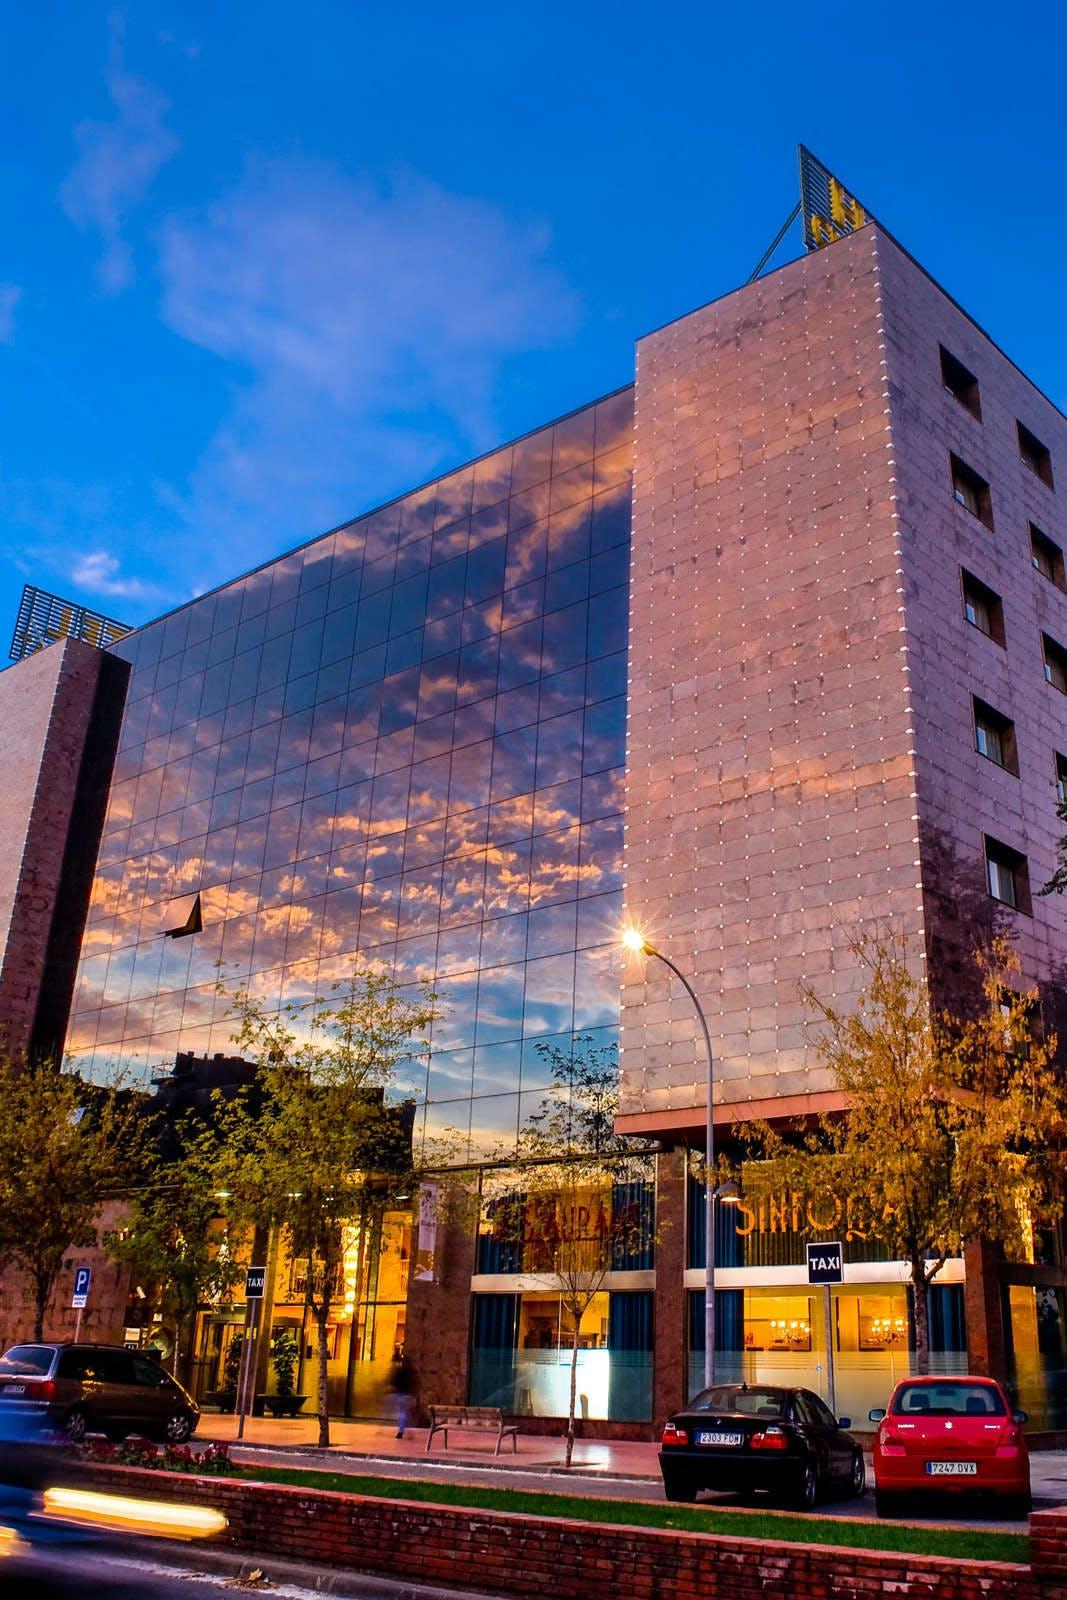 Salles Ciutat del Prat